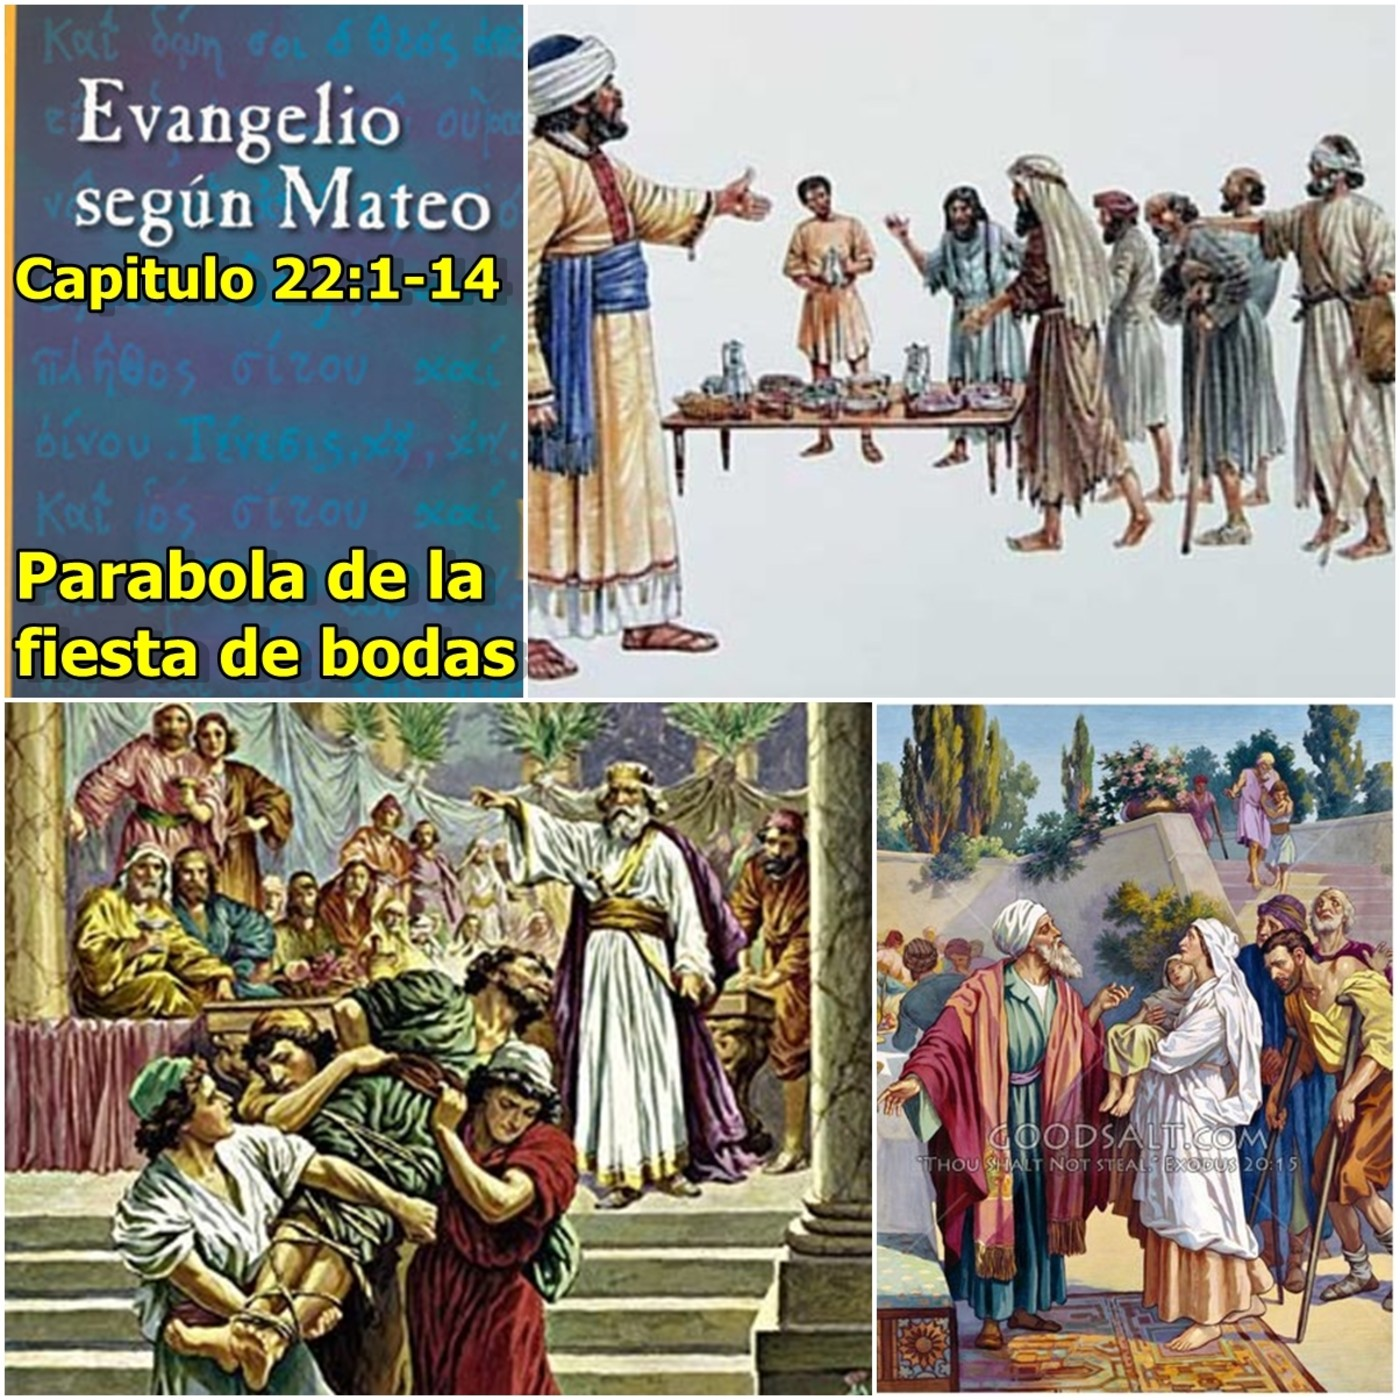 9fde1828a 64-Parabola de la Fiesta de Bodas.mp3 en 1-Mateo en mp3(29 05 a las  17 18 11) 01 17 50 26236997 - iVoox